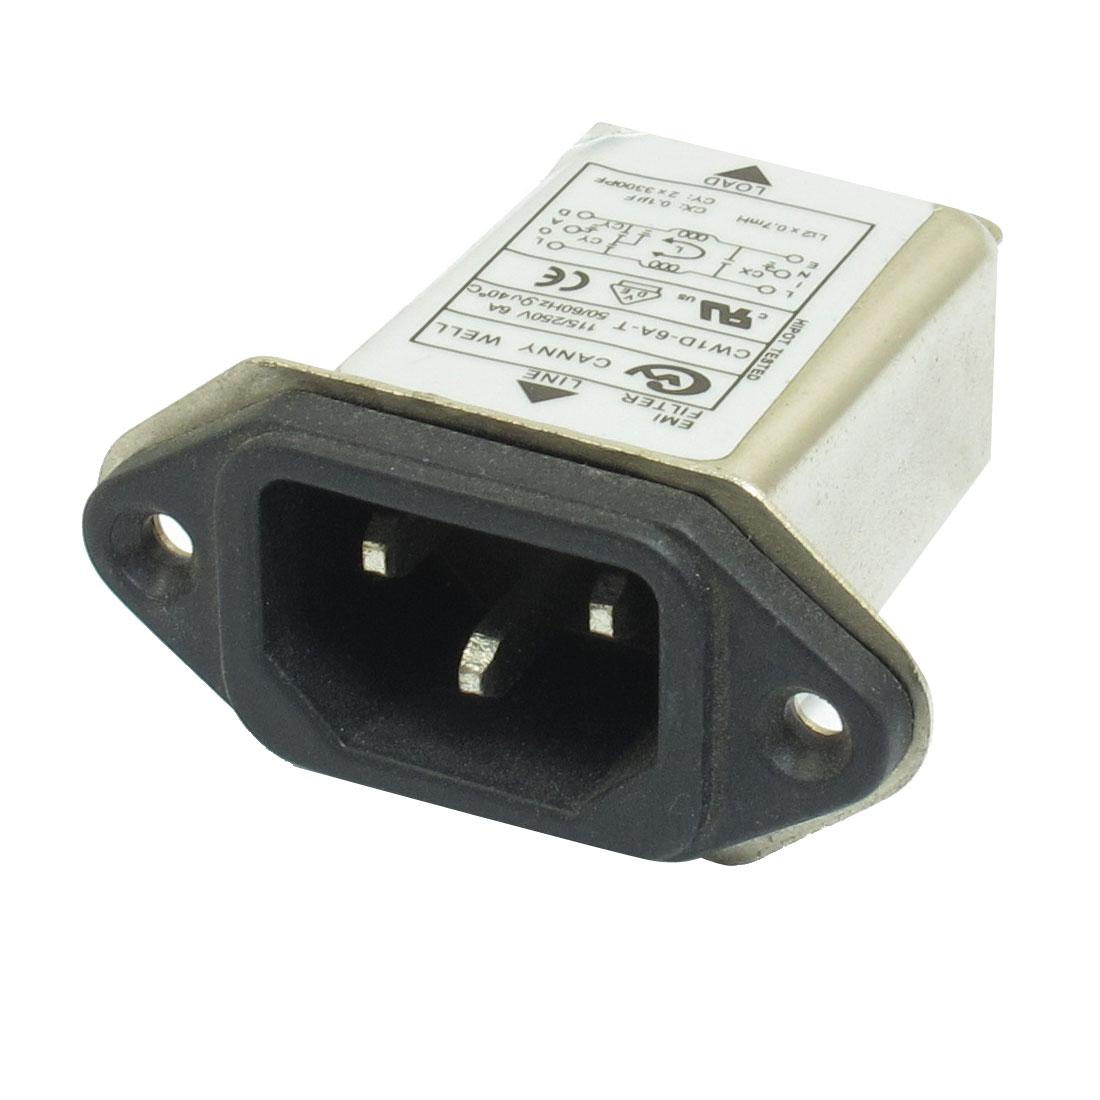 CW1D-6A-T IEC 320 C14 EMI Filter AC115V/250V 6A 50/60Hz